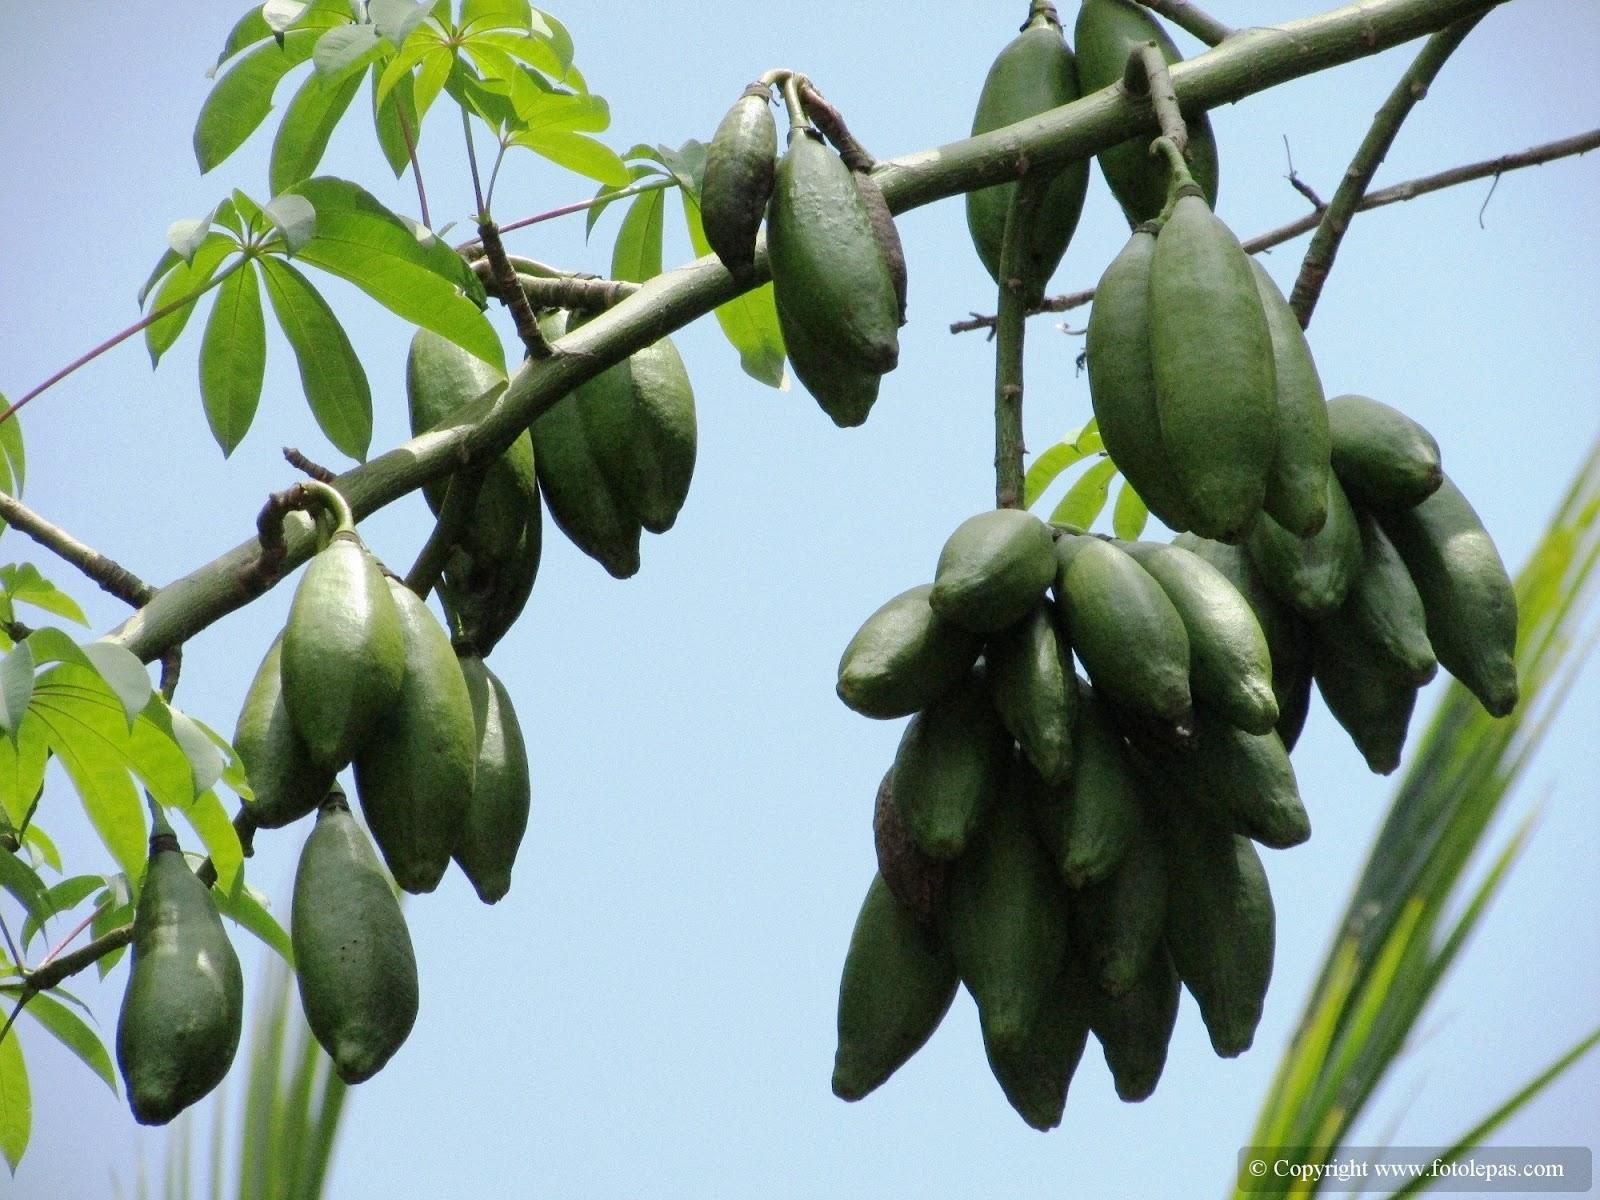 buah kapuk randu